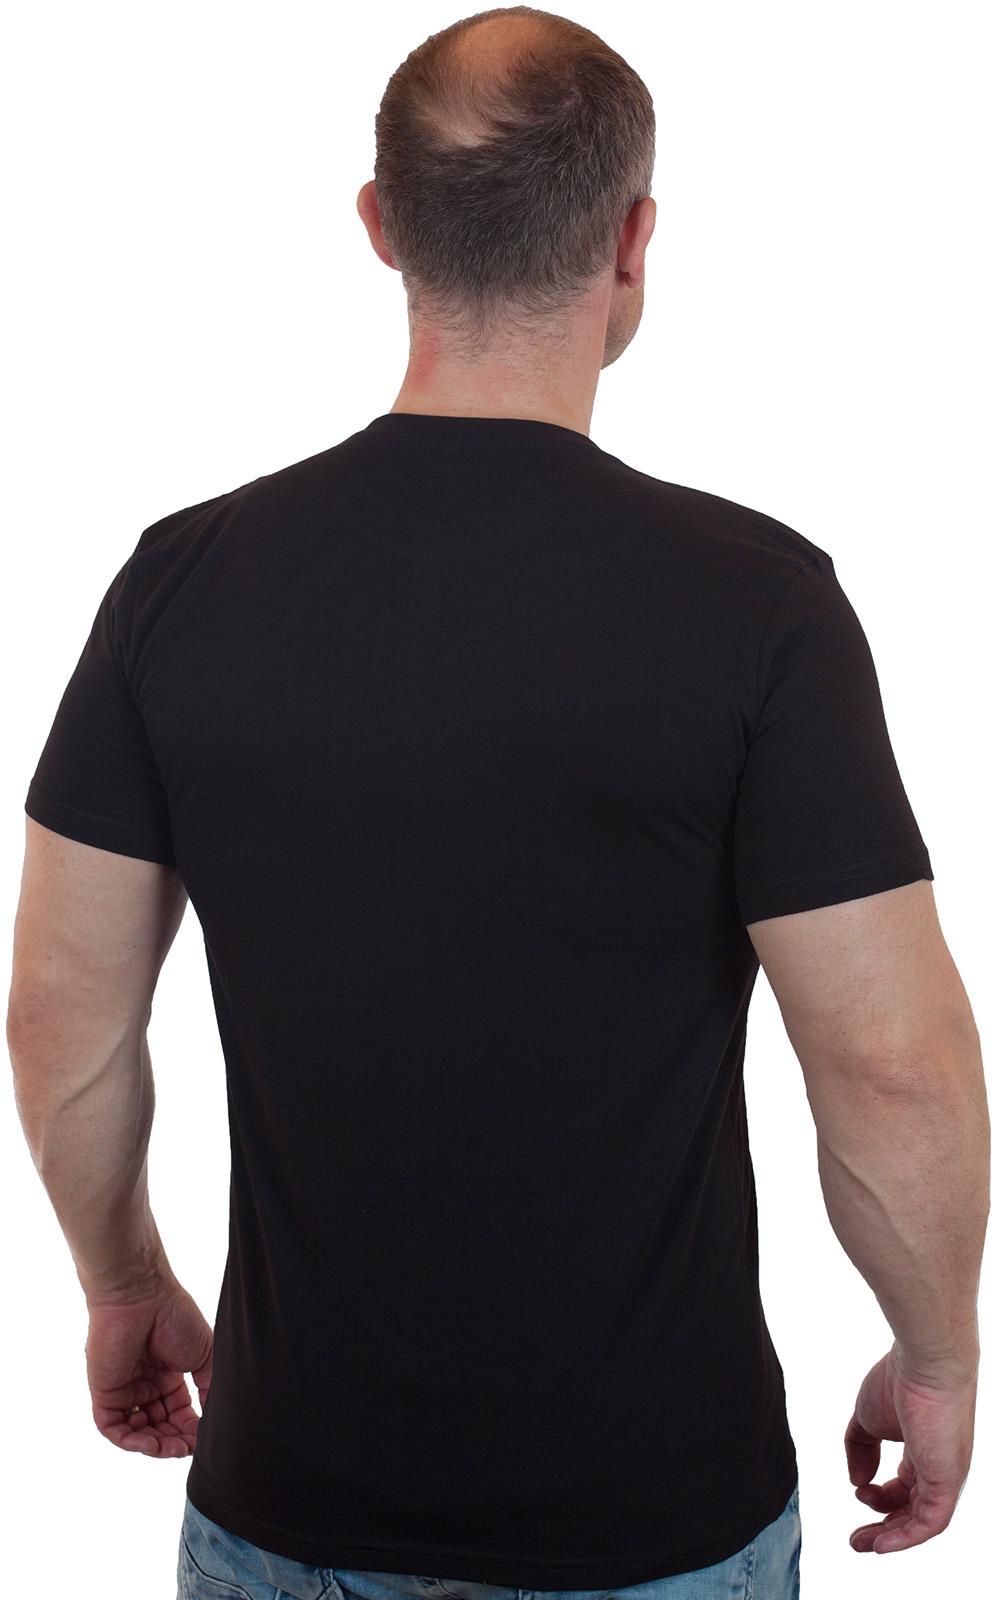 Черная футболка для мужчин Россия - купить онлайн